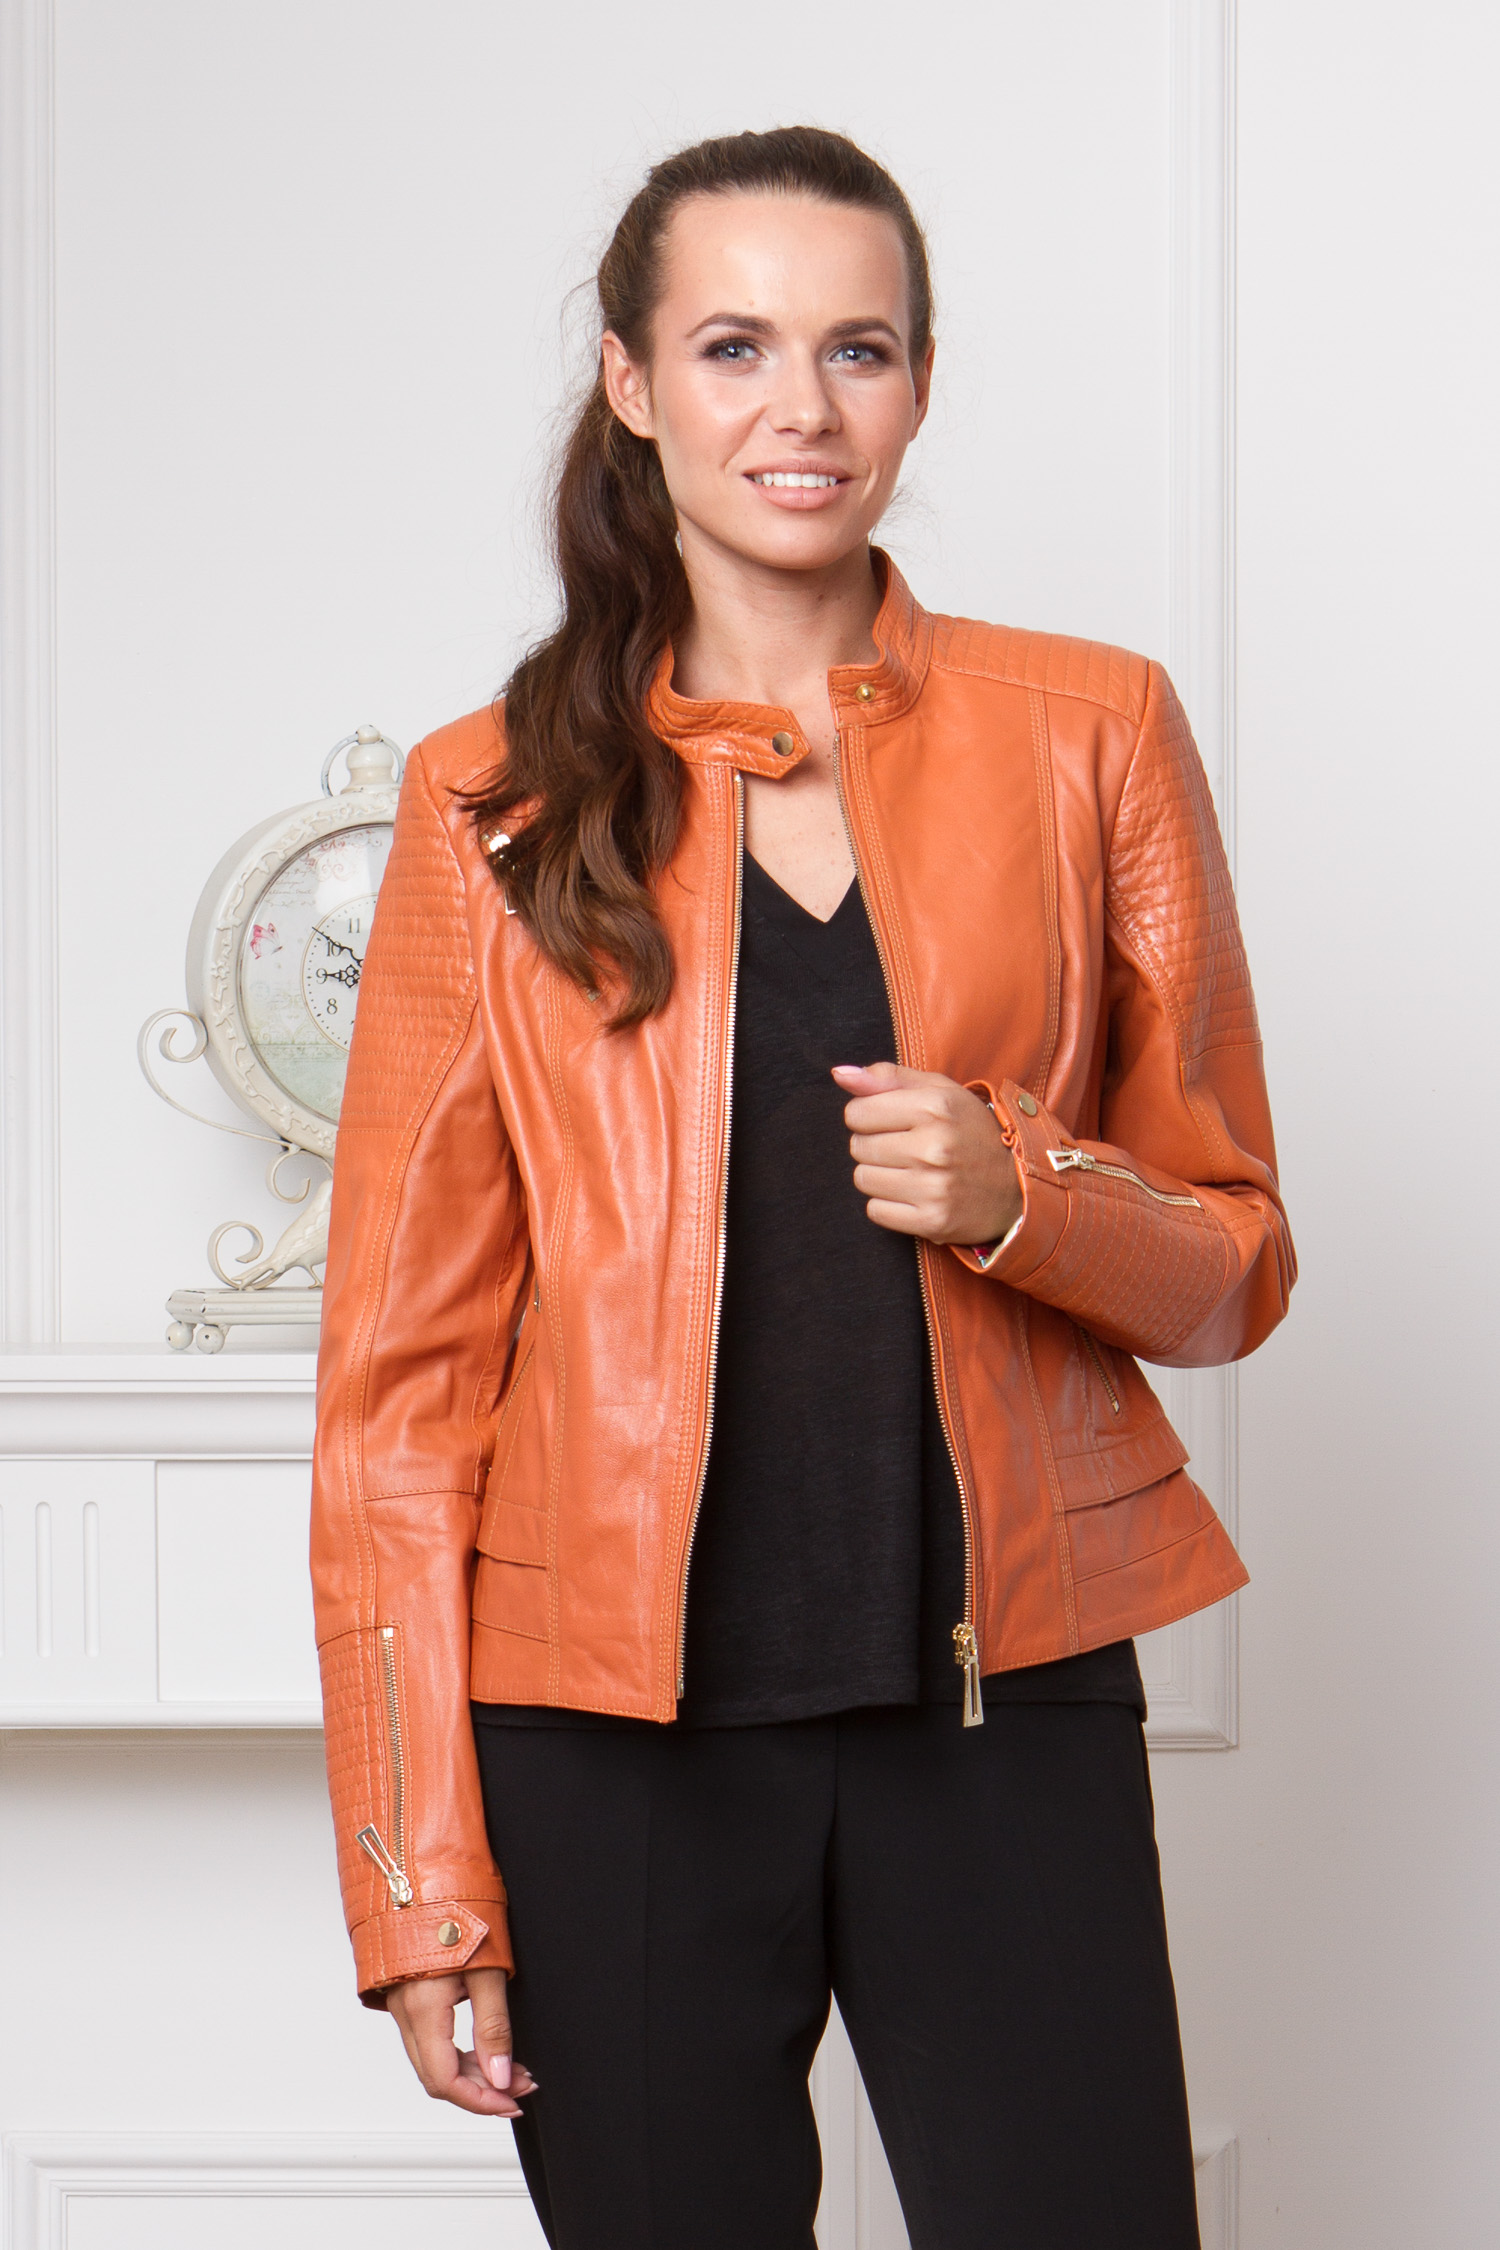 Женская кожаная куртка из натуральной кожи с воротником, без отделкиЦвет - мандариновый.<br><br>Мото-куртка яркого цвета - это главный тренд осенне-весеннего гардероба! Именно мото-куртки приходят на смену знаменитым косухам.<br><br>Куртка от Московской меховой компании выполнена из натуральной овчины. При изготовлении этой модели использовались выверенные лекала, благодаря чему, изделие имеет отличную посадку.<br><br>В каждой детали виден продуманный дизайн. Куртка застегивается на молнию, а небольшой воротник-стойка закреплен кнопкой. Боковые и нагрудный карманы также имеют застежку на молнию. В качестве украшения, дизайнеры использовали декоративную прострочку.<br><br>Воротник: стойка<br>Длина см: Короткая (51-74 )<br>Материал: Кожа овчина<br>Цвет: оранжевый<br>Вид застежки: центральная<br>Застежка: на молнии<br>Пол: Женский<br>Размер RU: 42